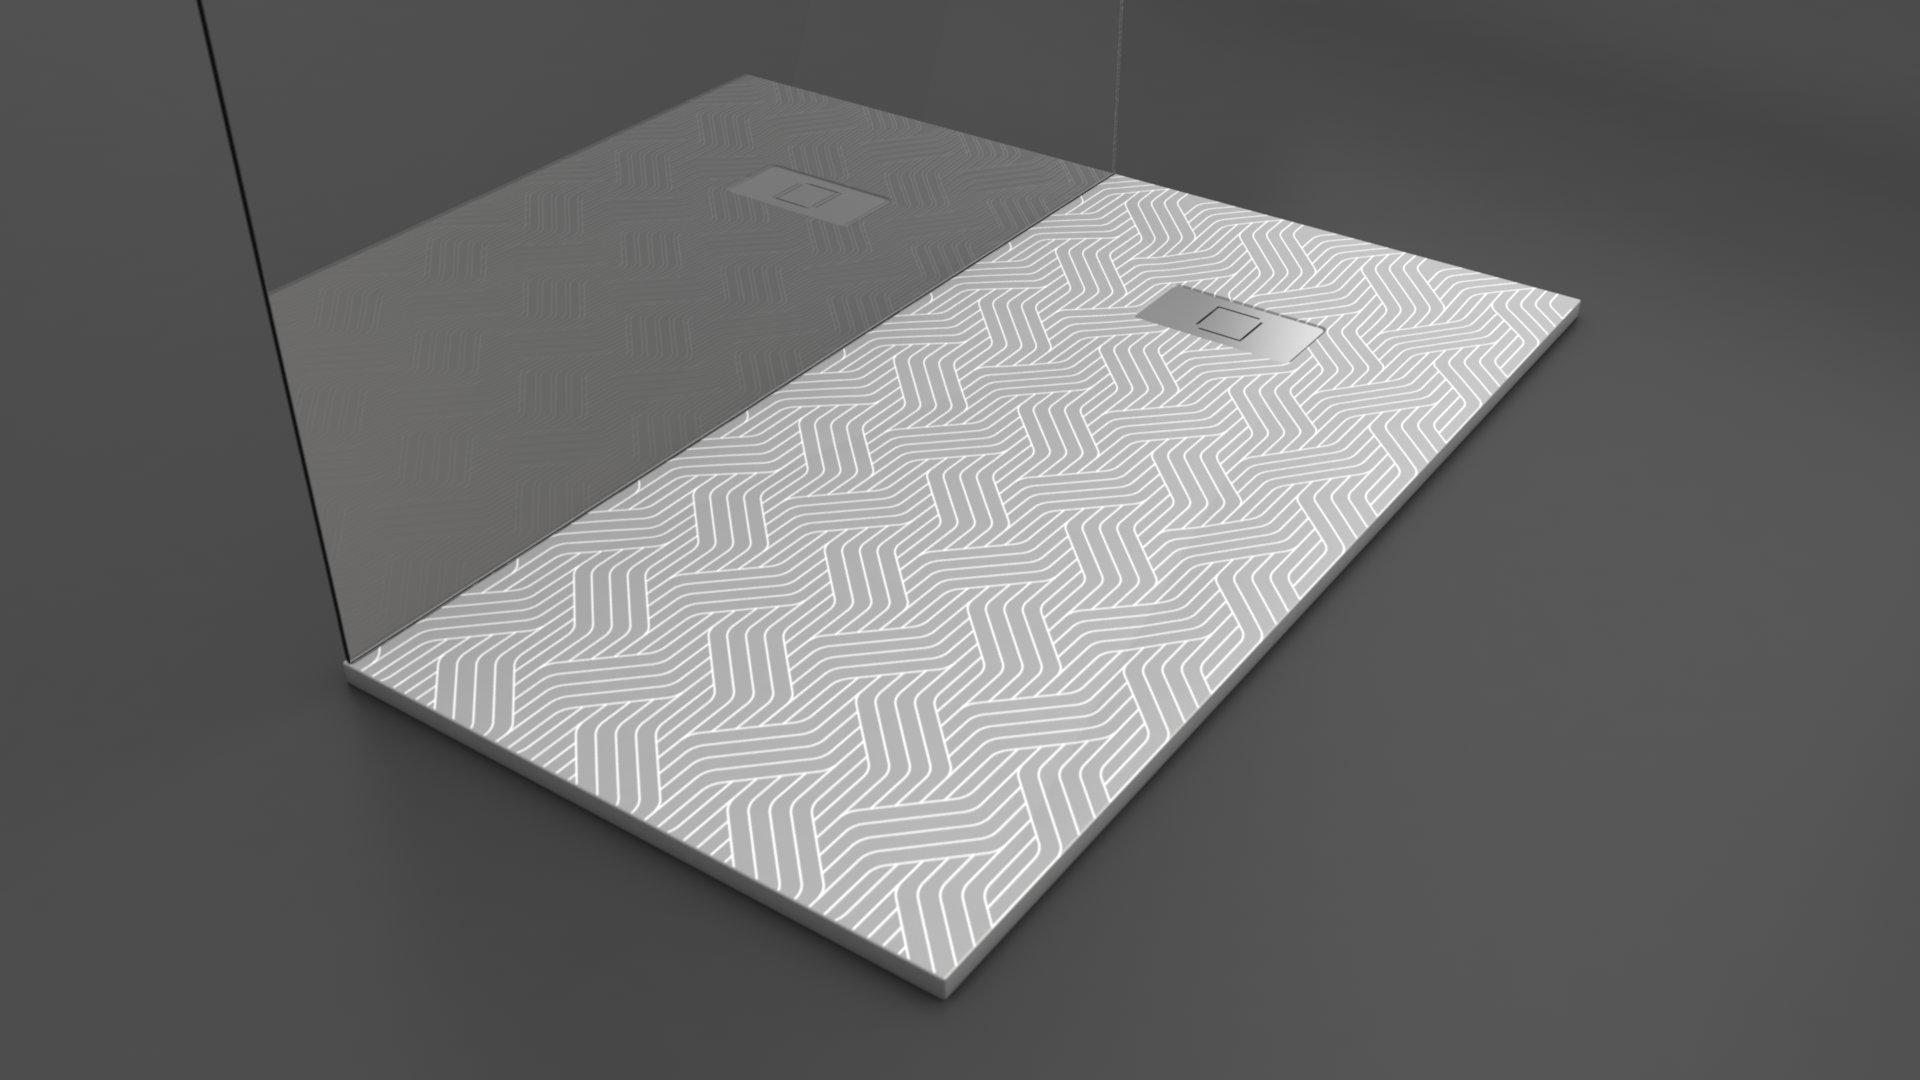 Texence Double Square - Plato de ducha con textura de trenzado